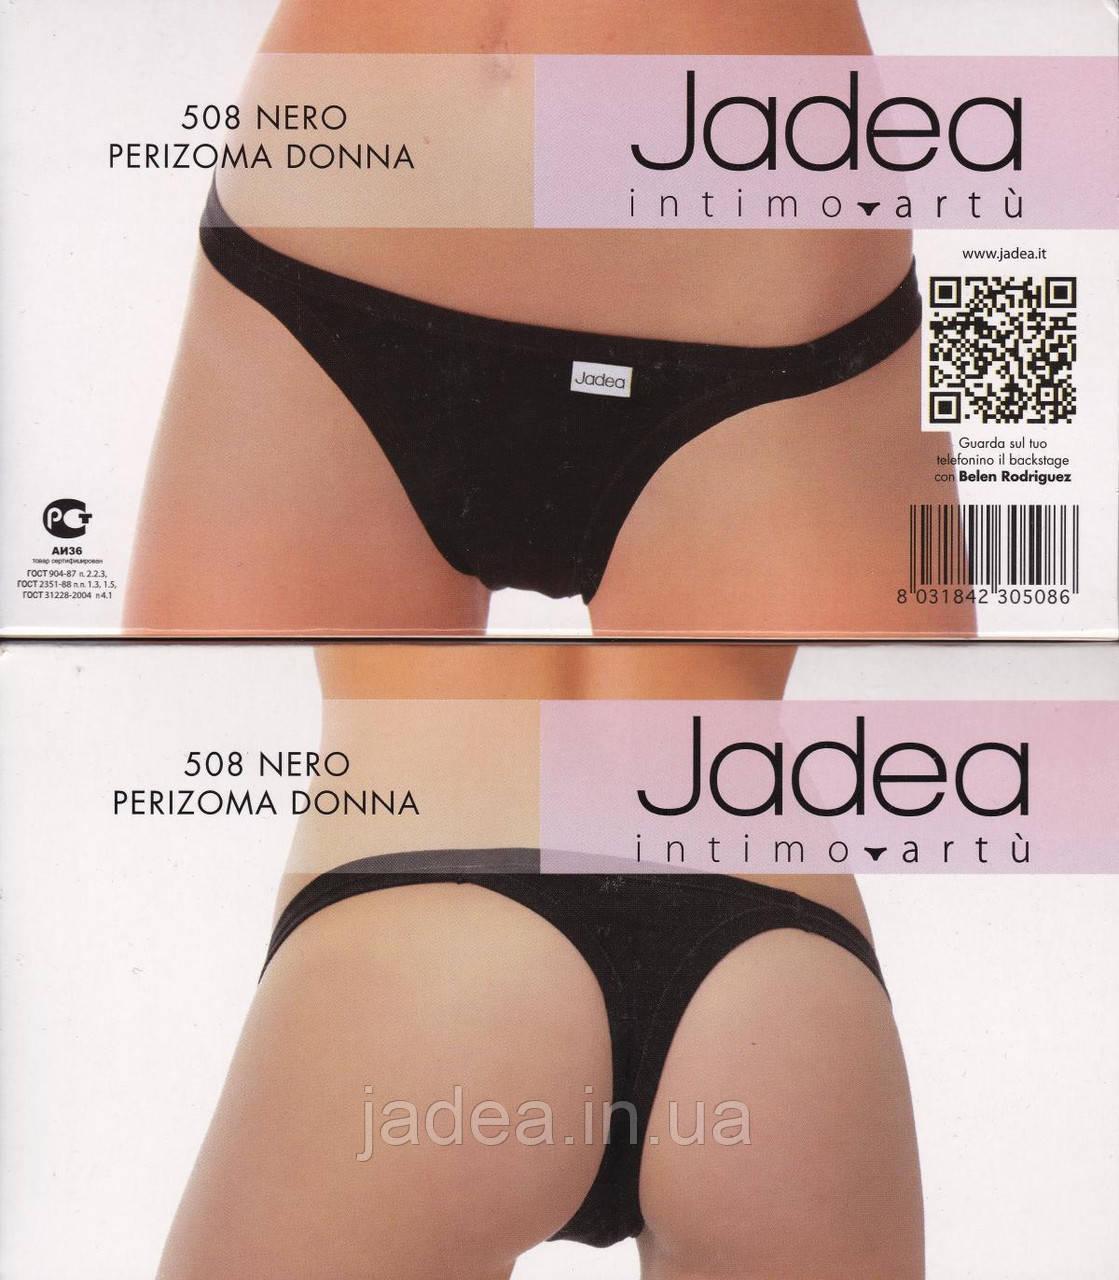 Jadea 508 nero, Jadea 508 черные трусики стринг